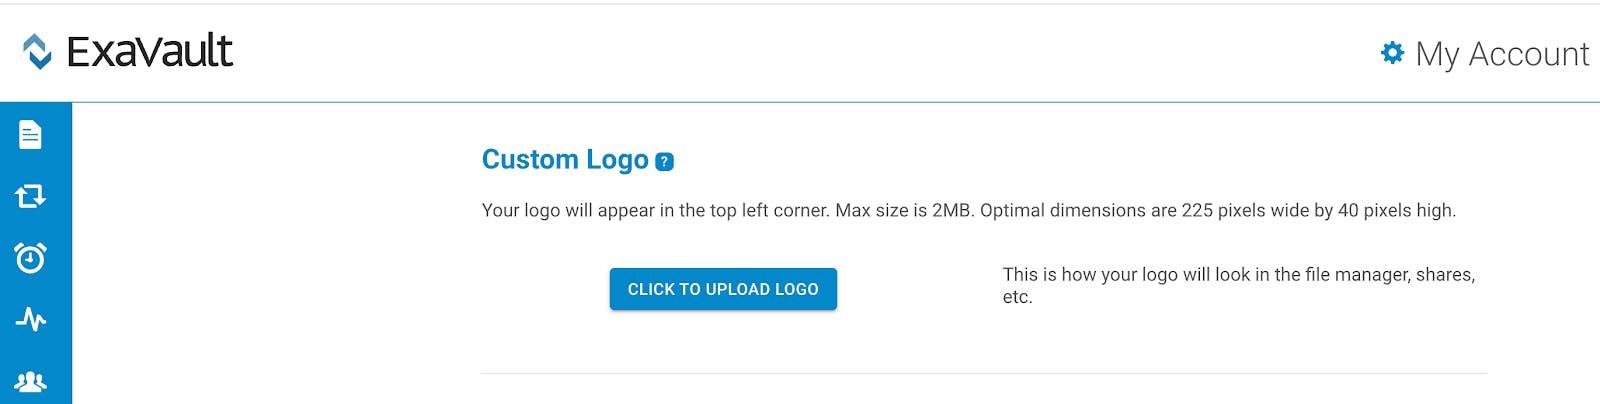 Upload a custom logo.